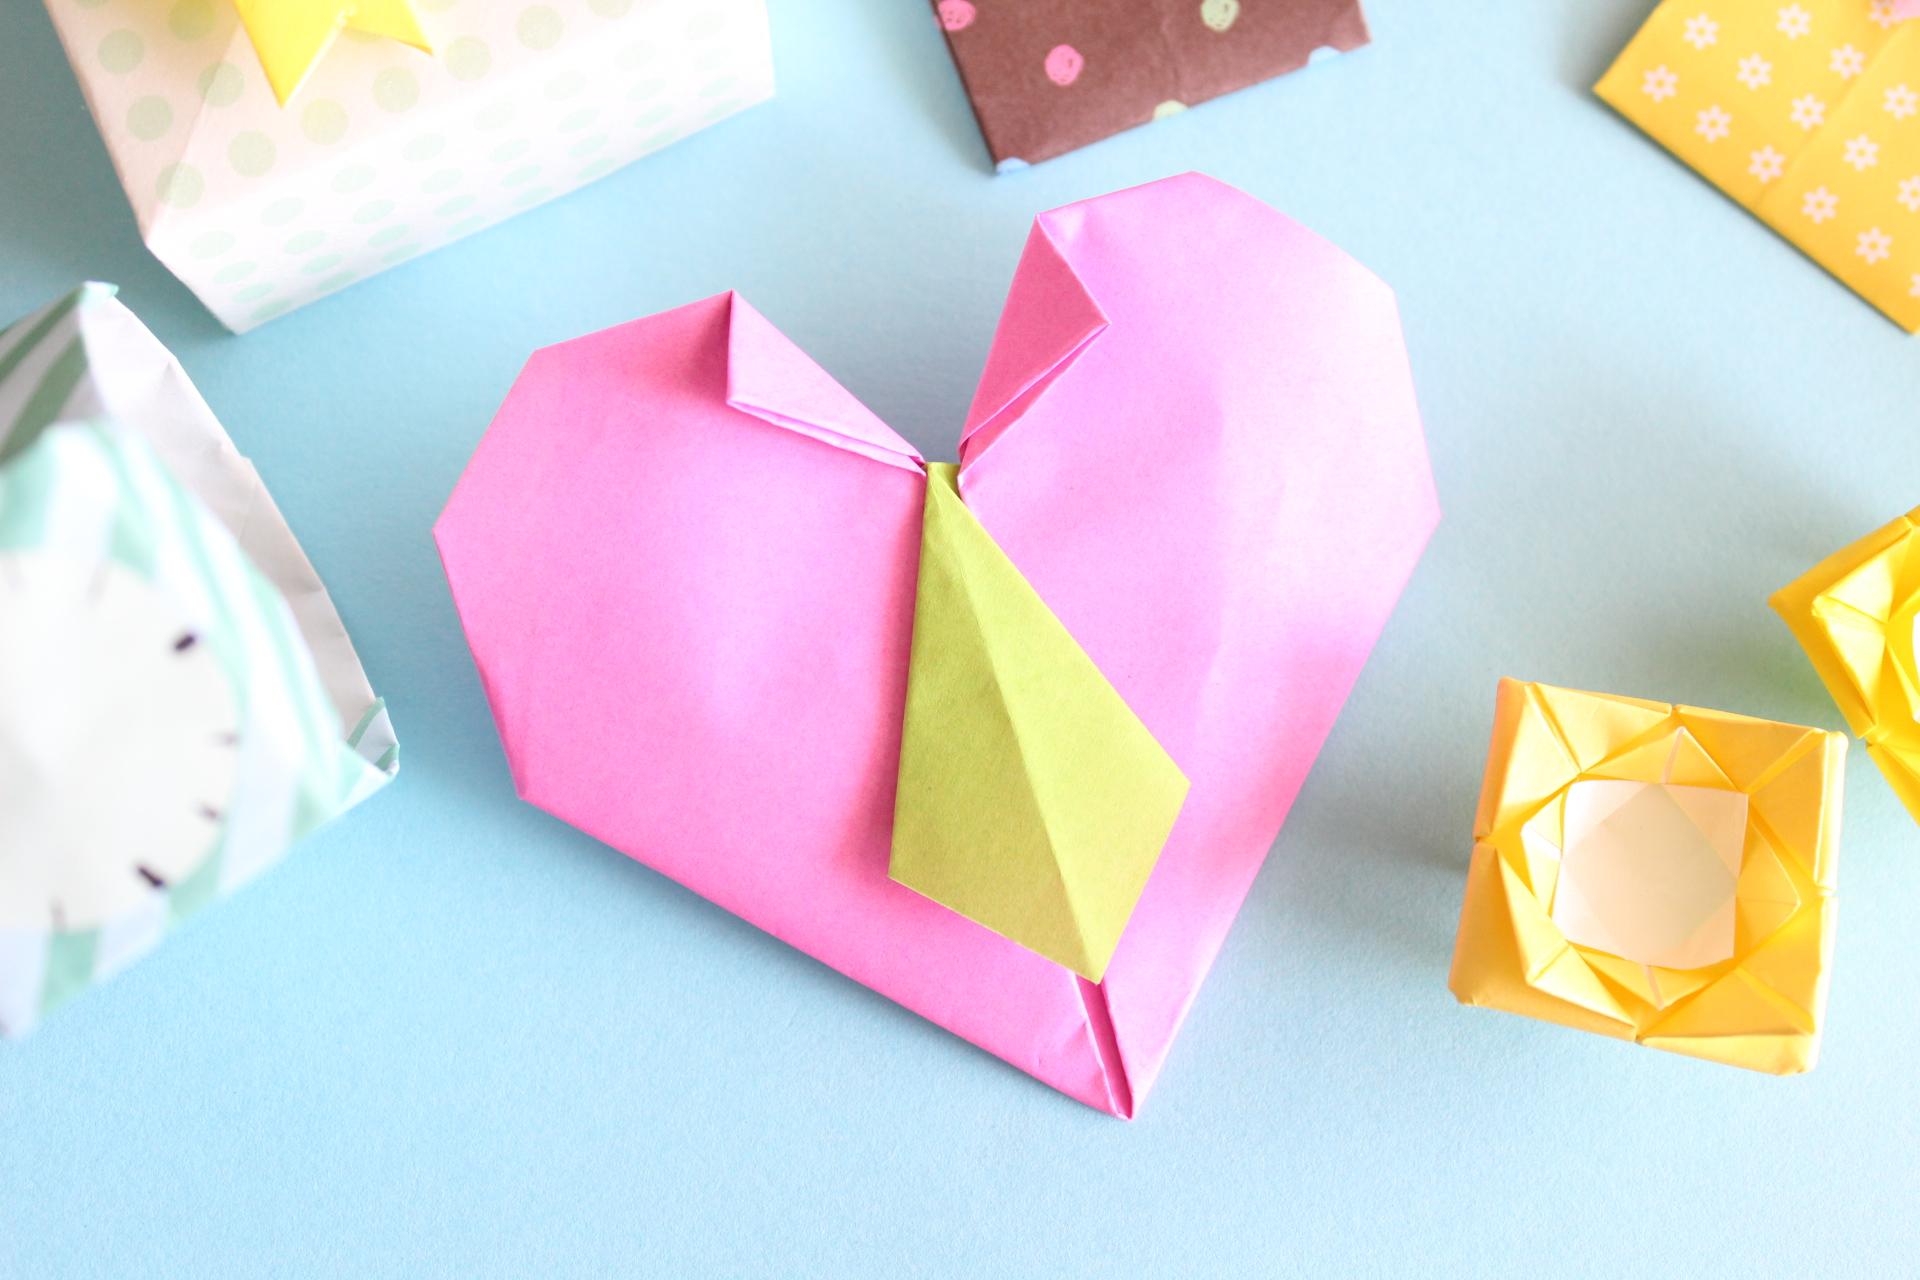 折り紙でネクタイハートの折り方